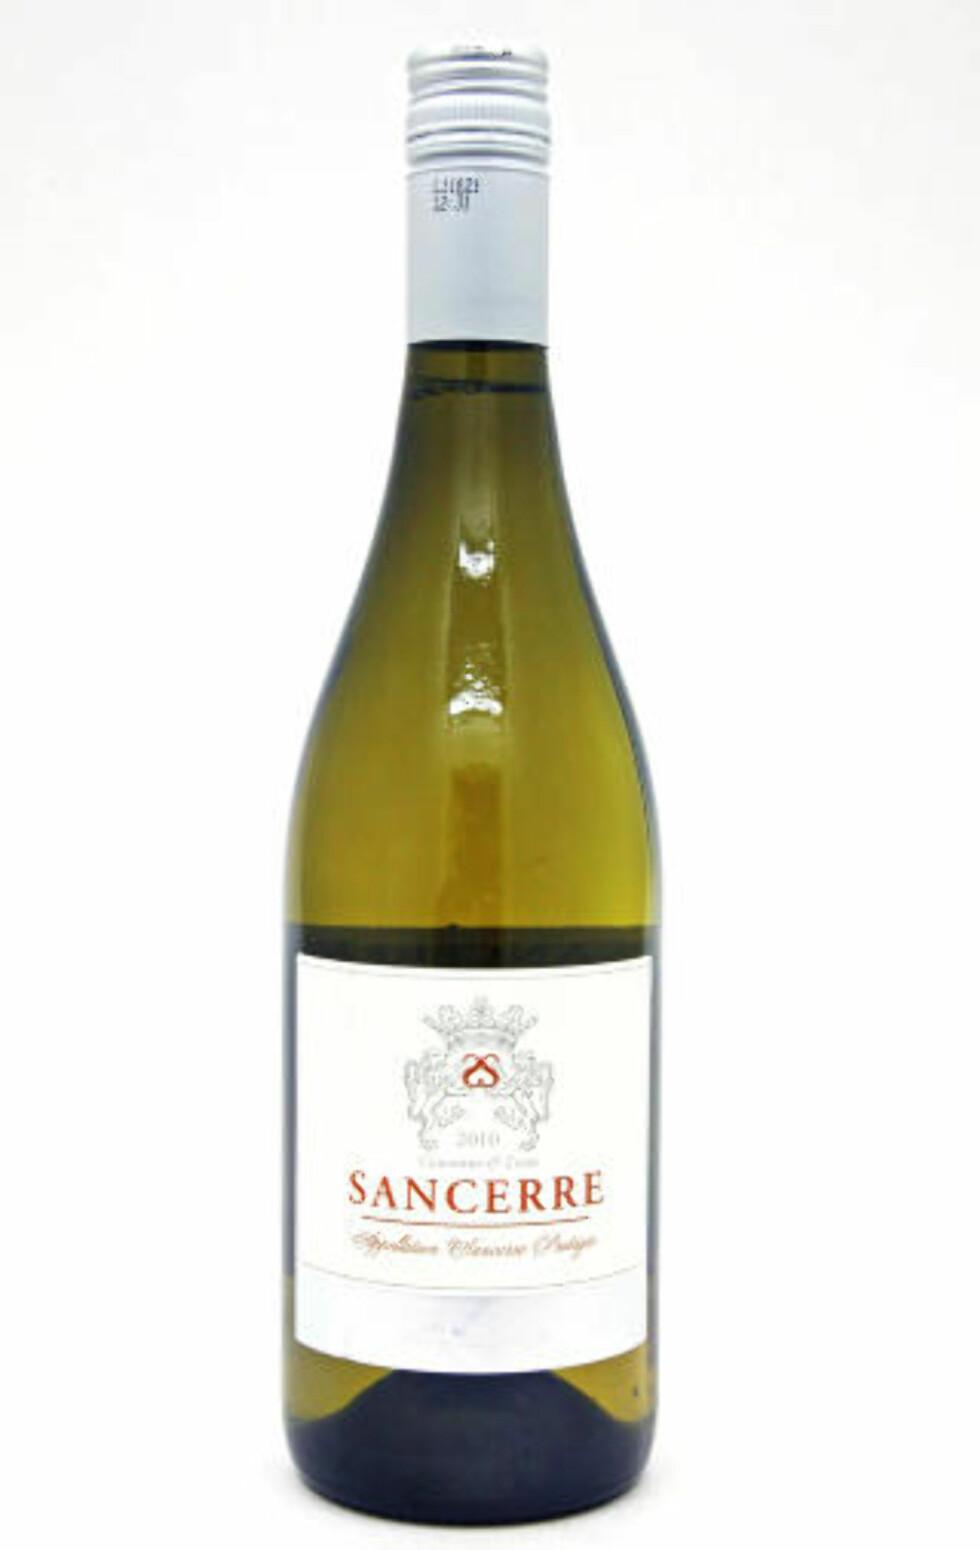 KLASSISK FRUKTIG SANCERRE: Paul Buisse Sancerre 2010 får en sekser av vineksperten.